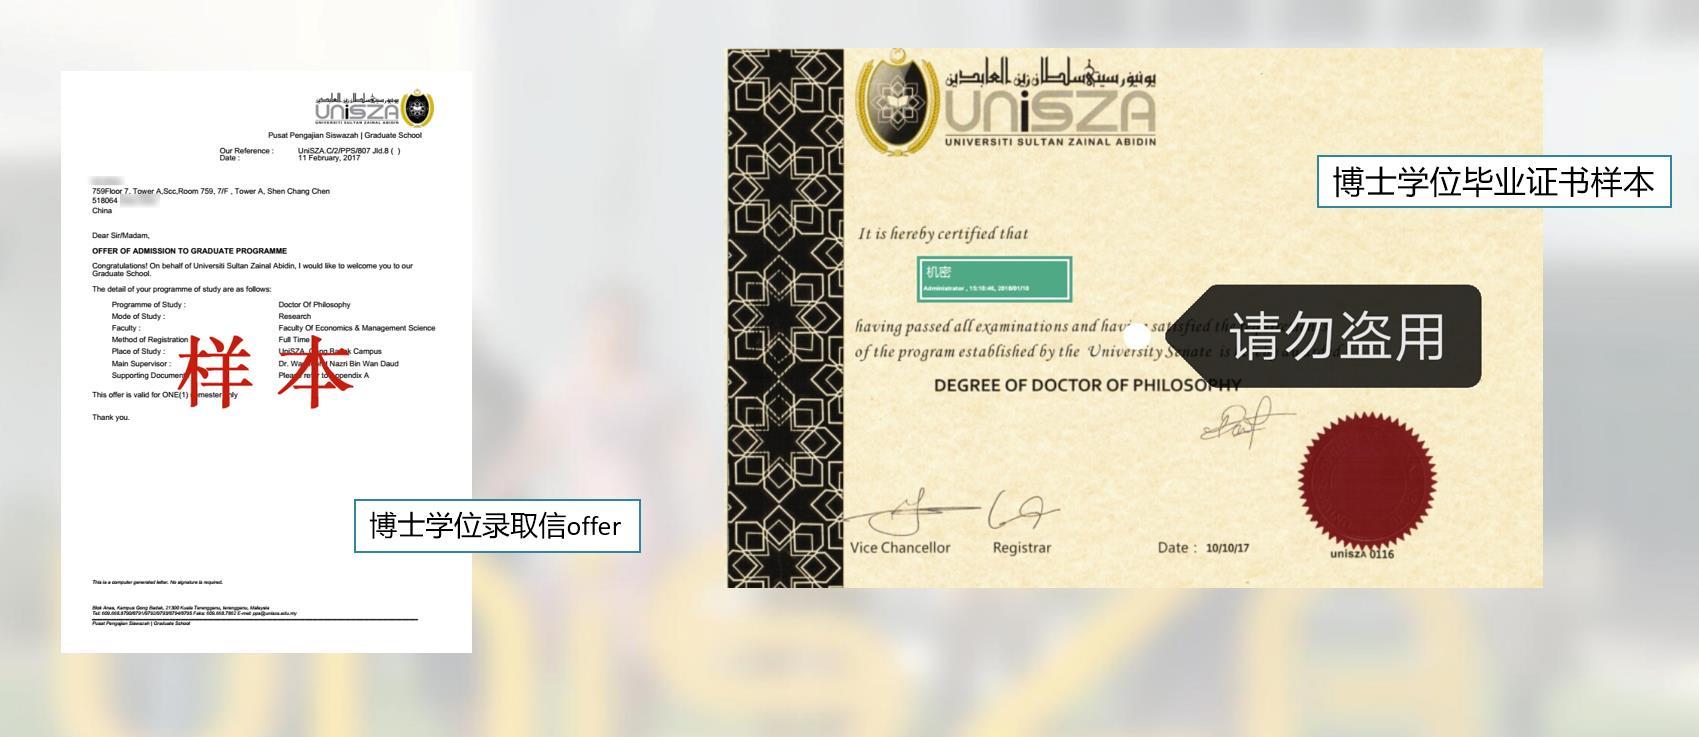 马来西亚苏丹再纳阿比汀大学 毕业证书样本